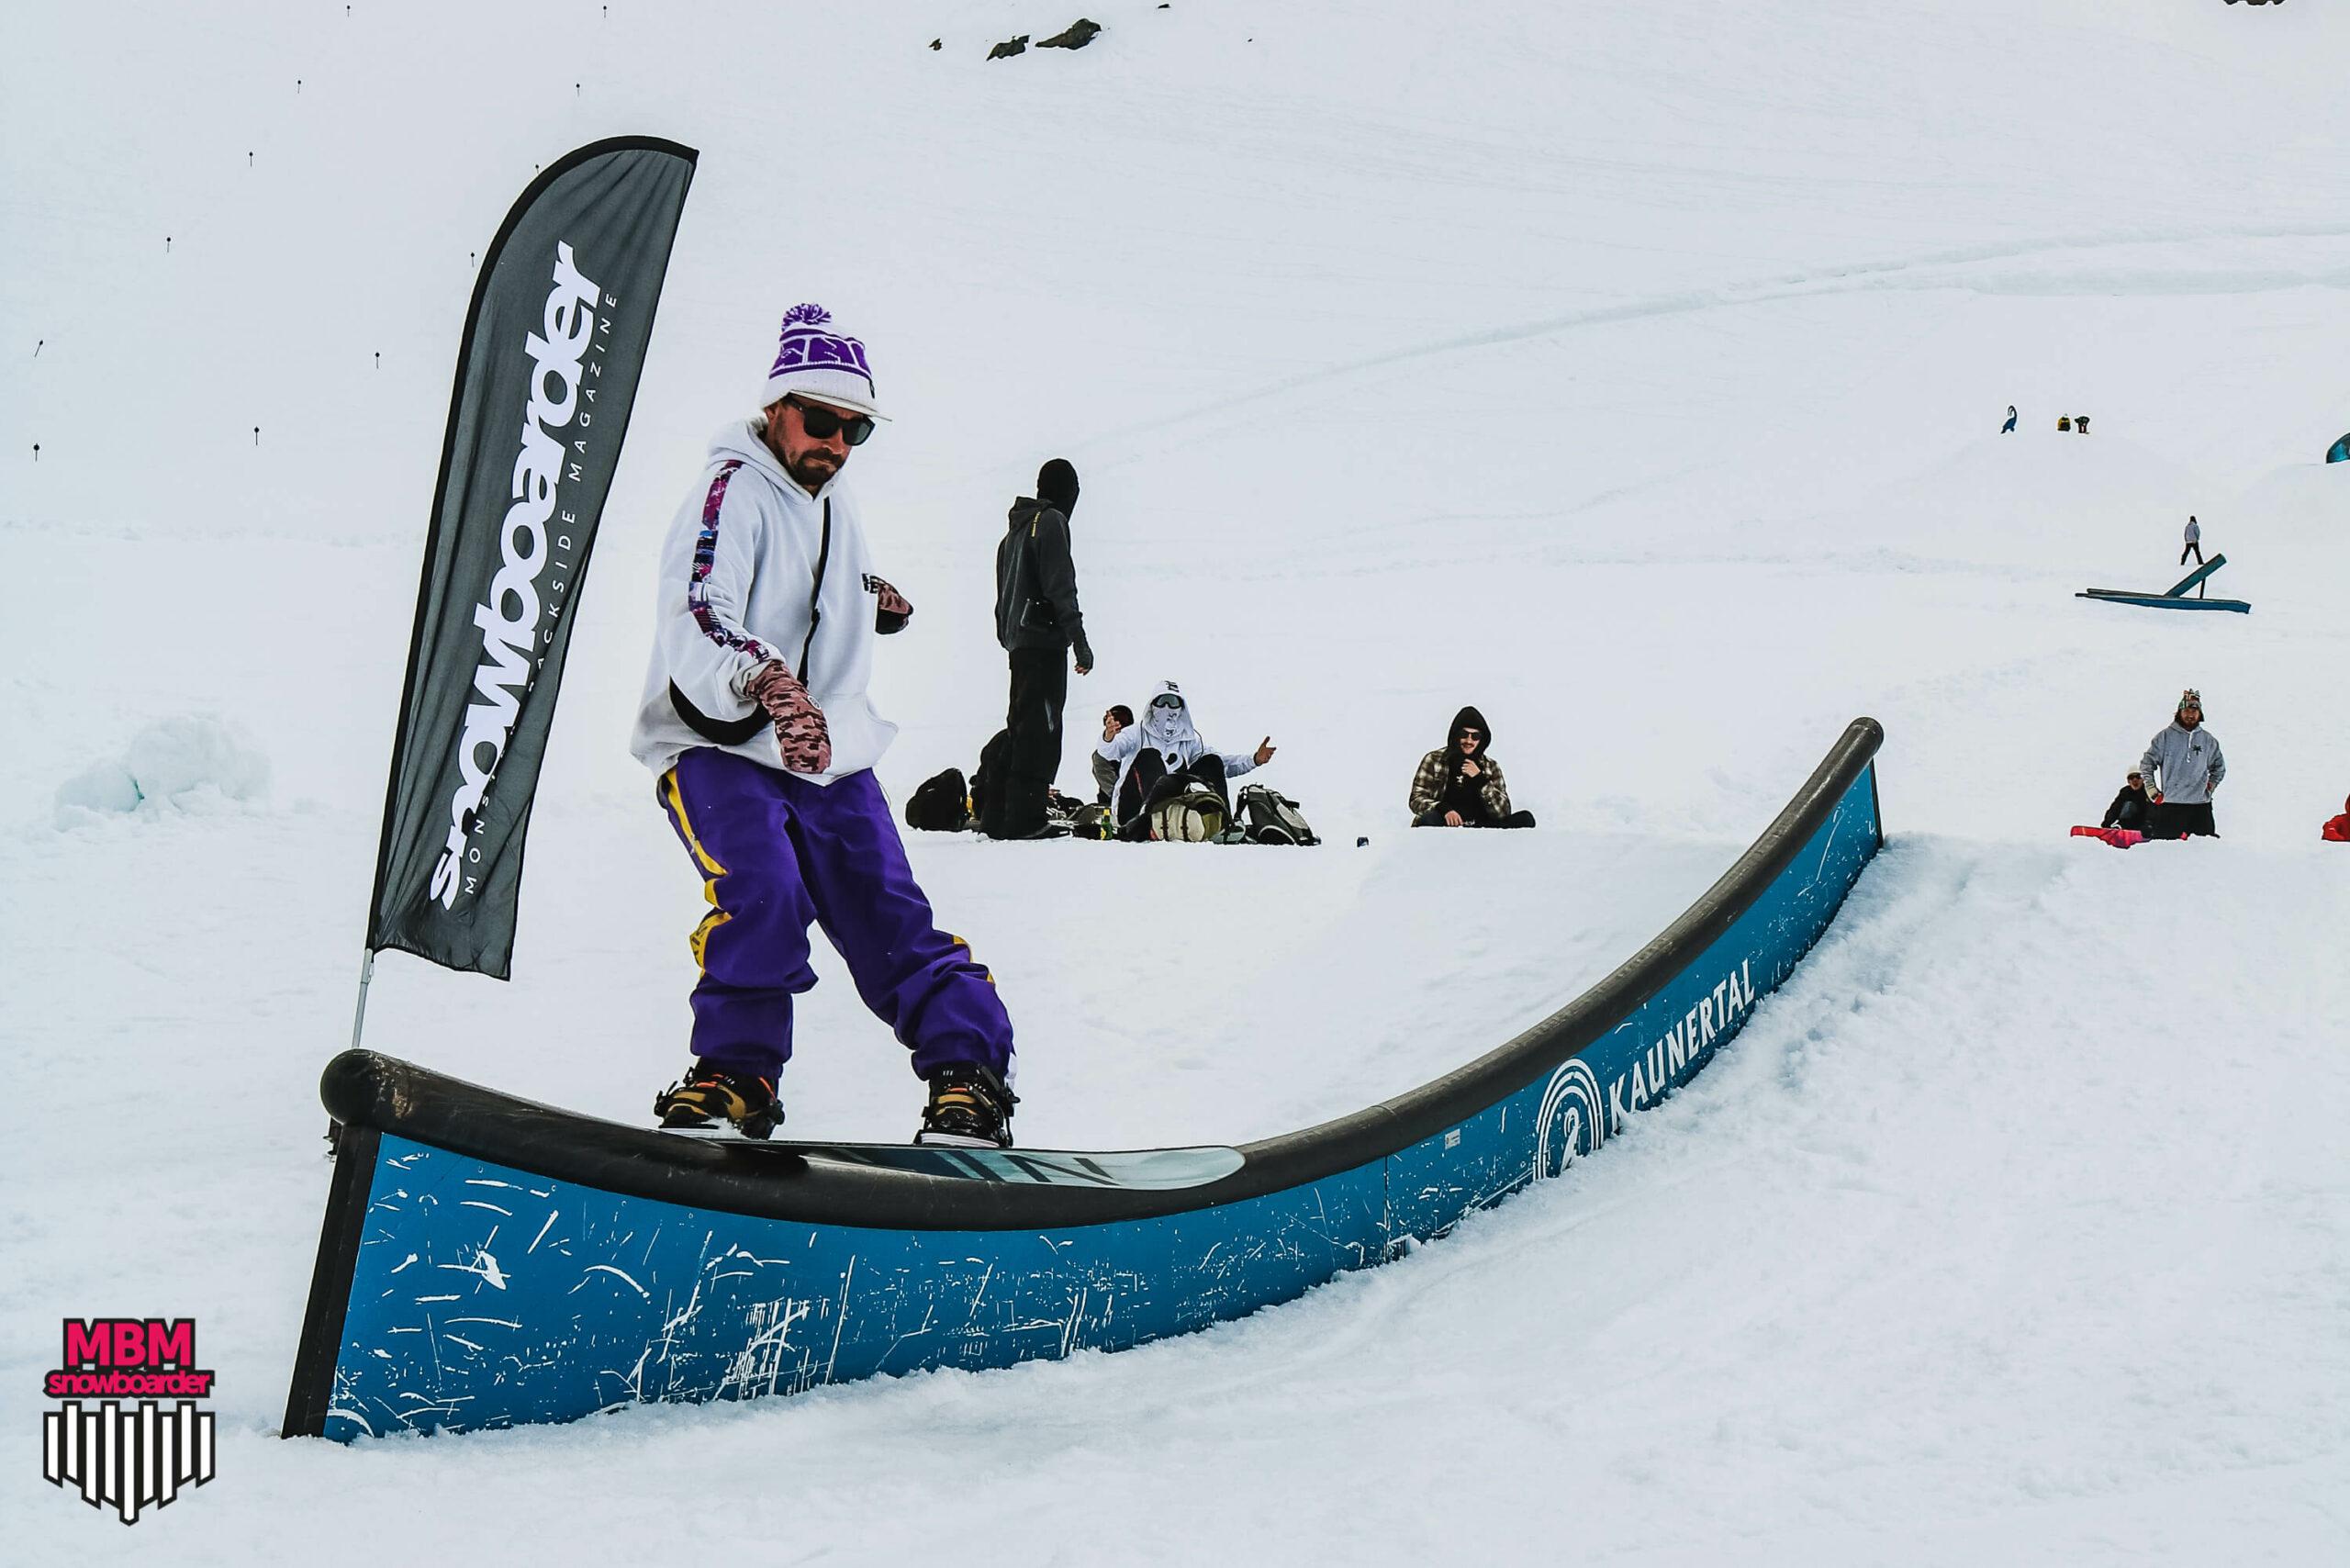 snowboarderMBM_sd_kaunertal_130